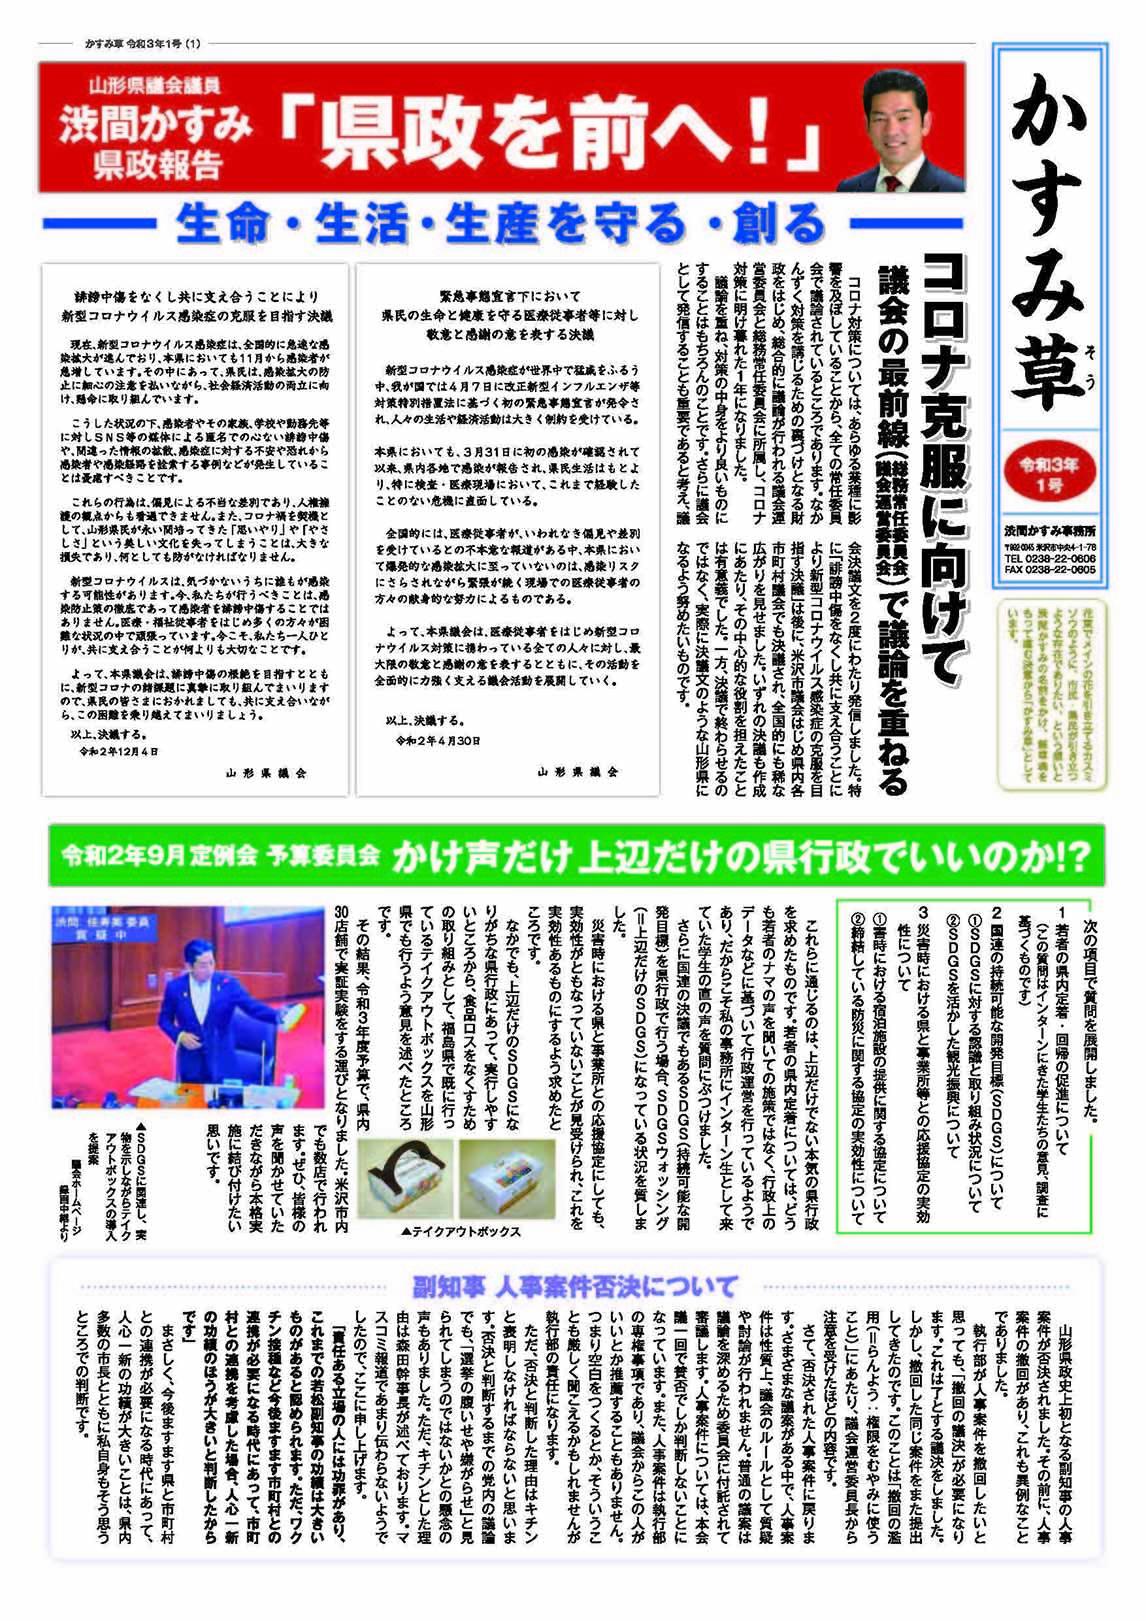 県政報告書「かすみ草」令和3年1号 ネット報告_d0129296_16434934.jpg